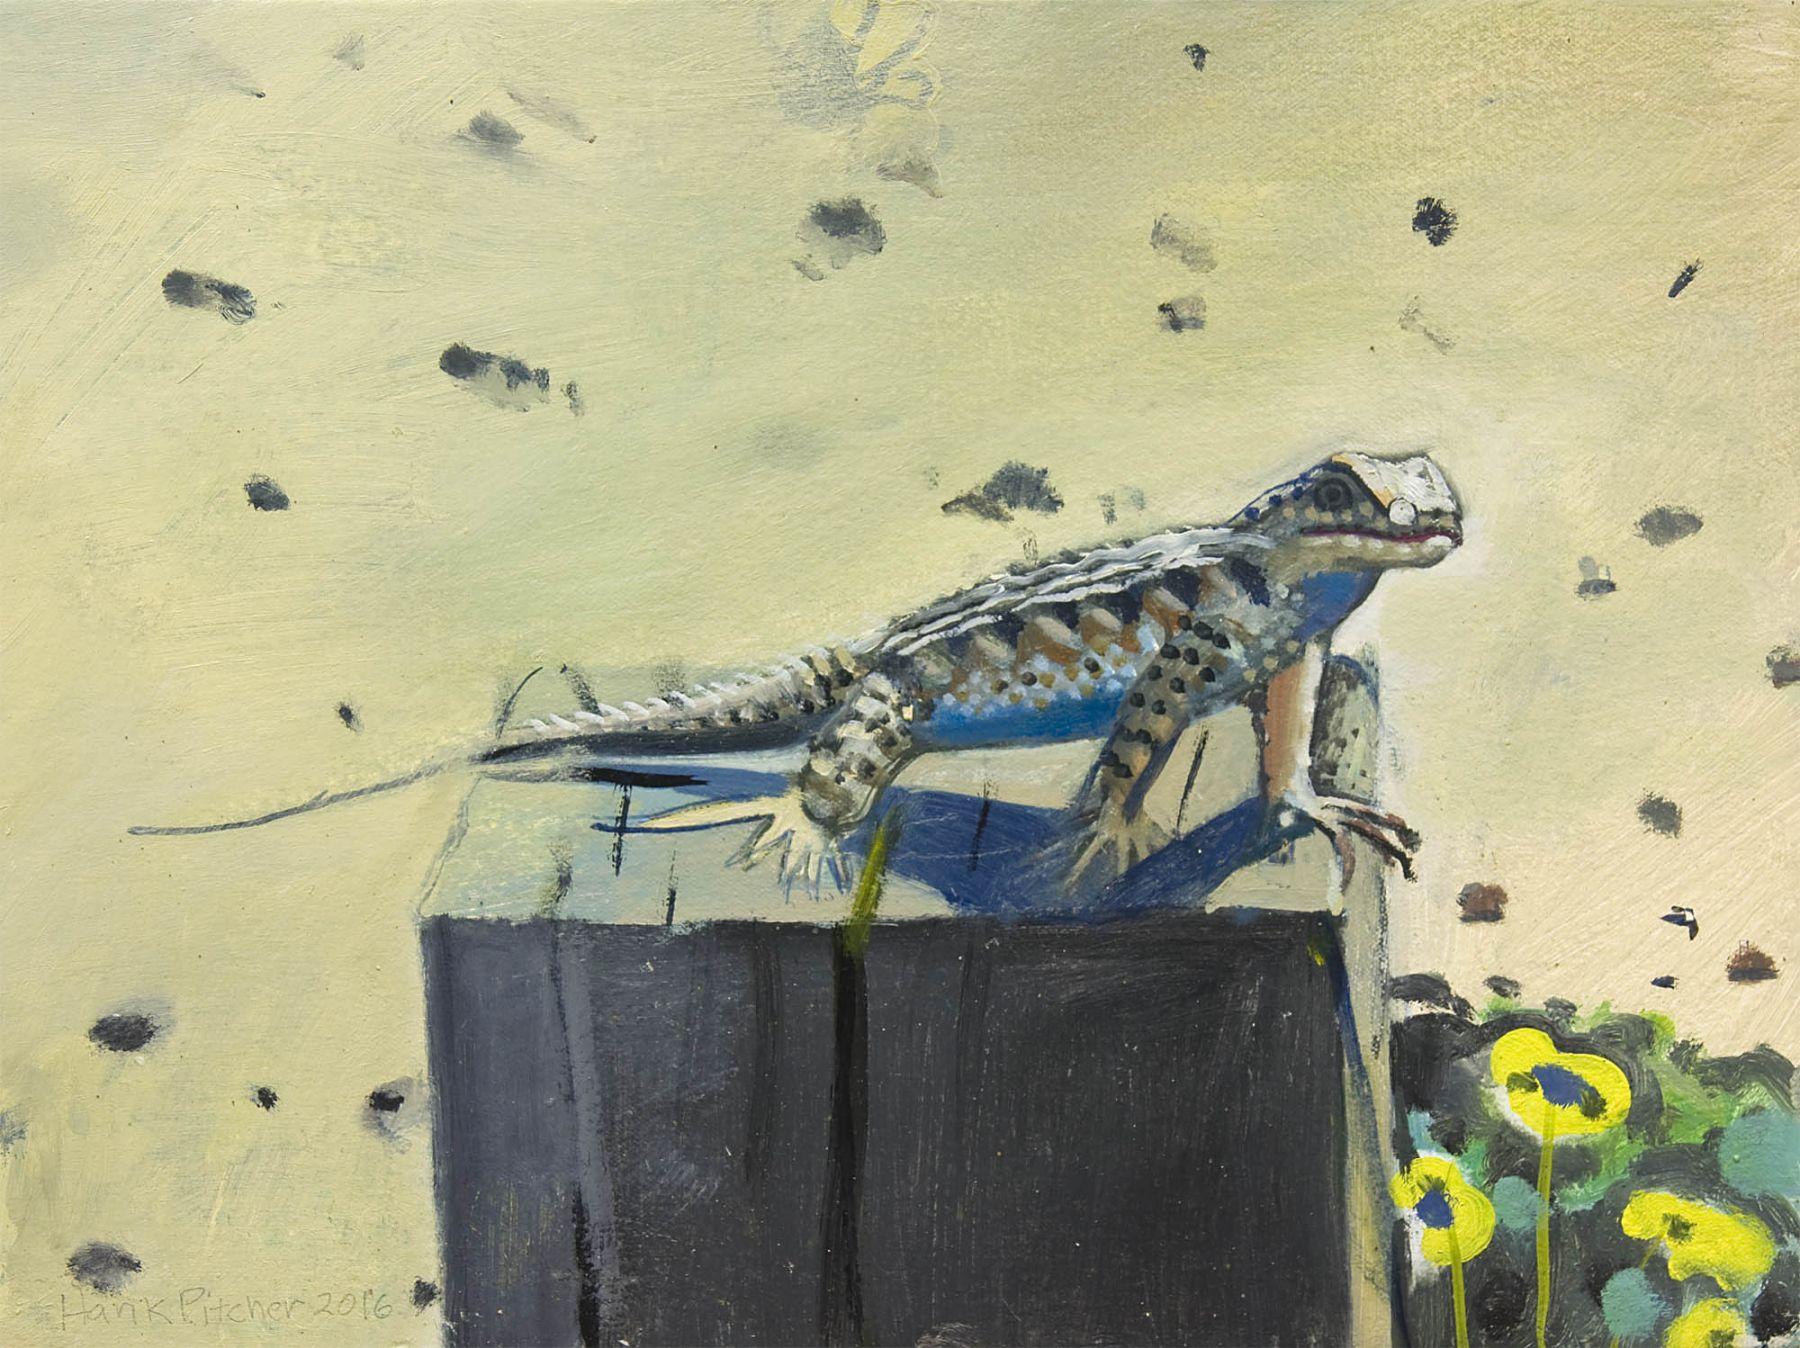 Hank Pitcher, Blue Belly Lizard, 2016